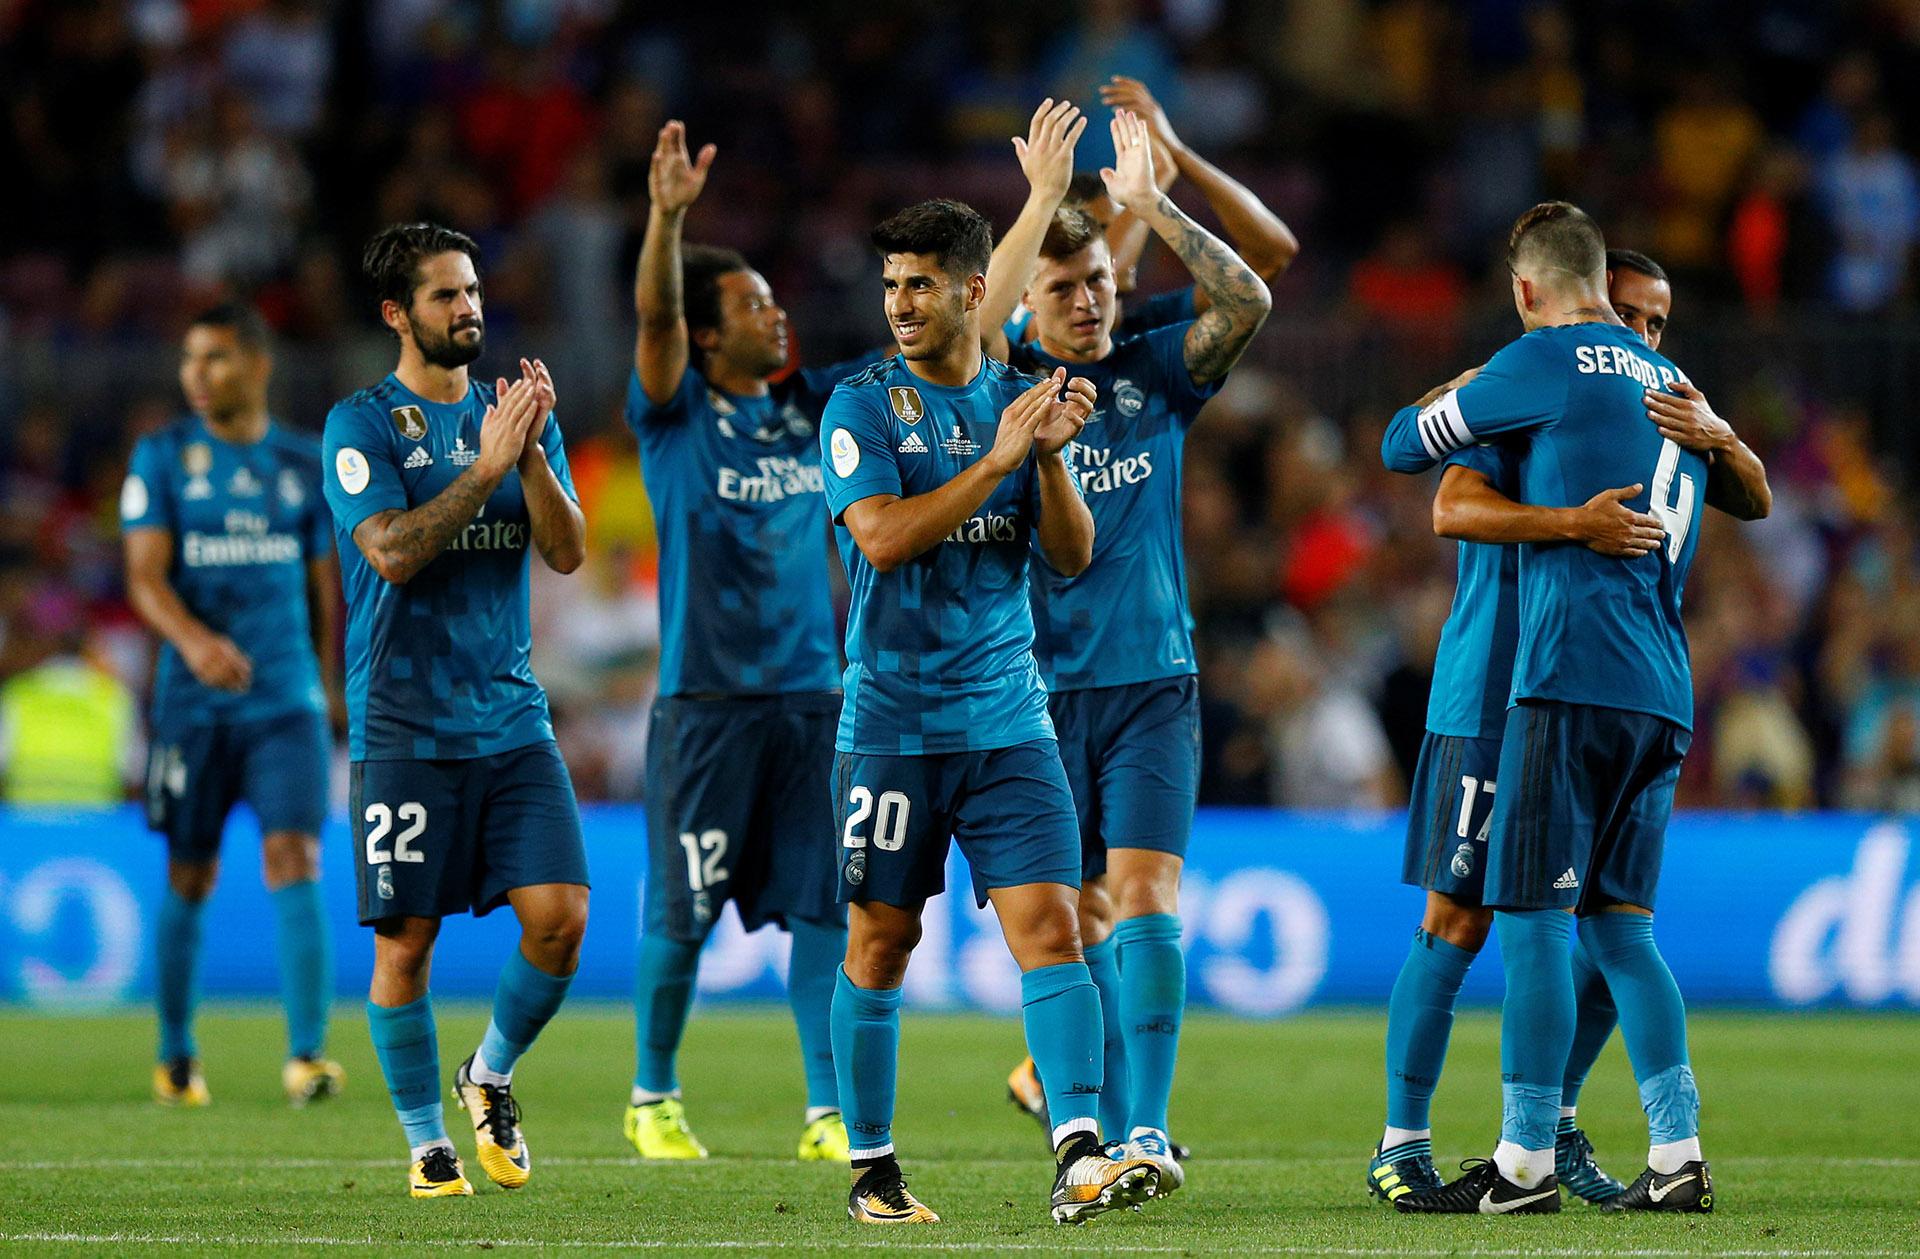 El miércoles se volverán a ver las caras en el Santiago Bernabéu